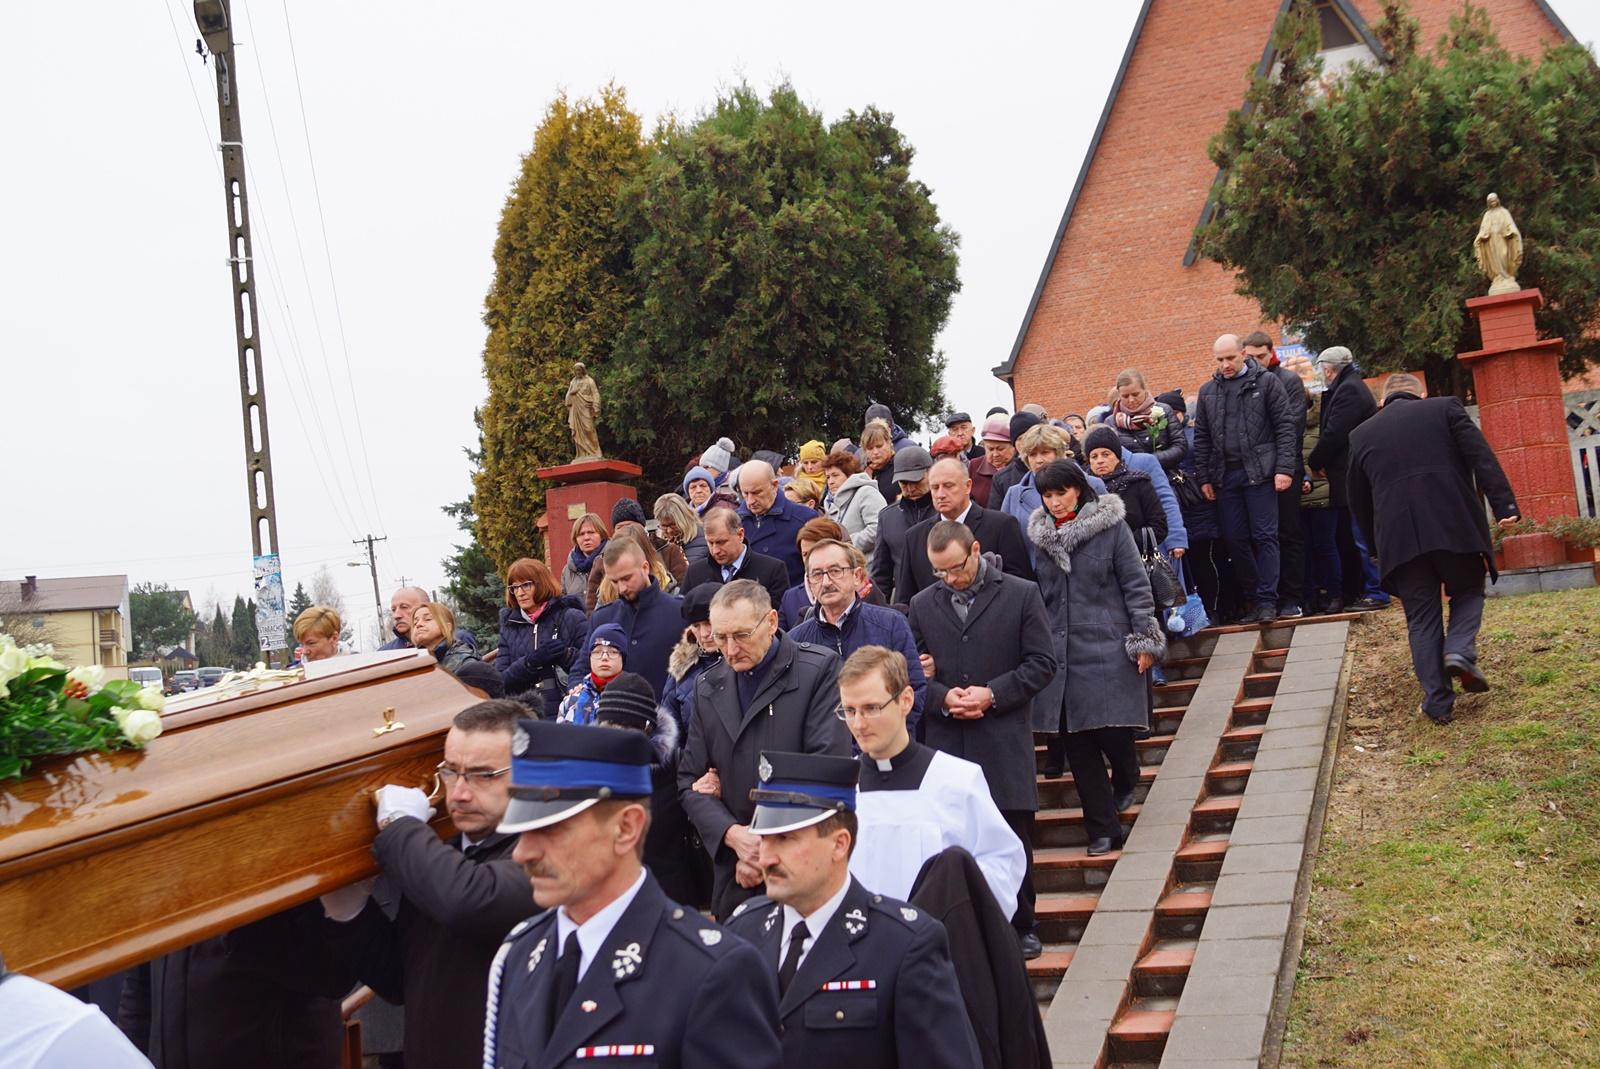 pogrzeb-ks-stanislaw-kusmierczyk-stykow-gmina-brody-DSC02213-f.JPG